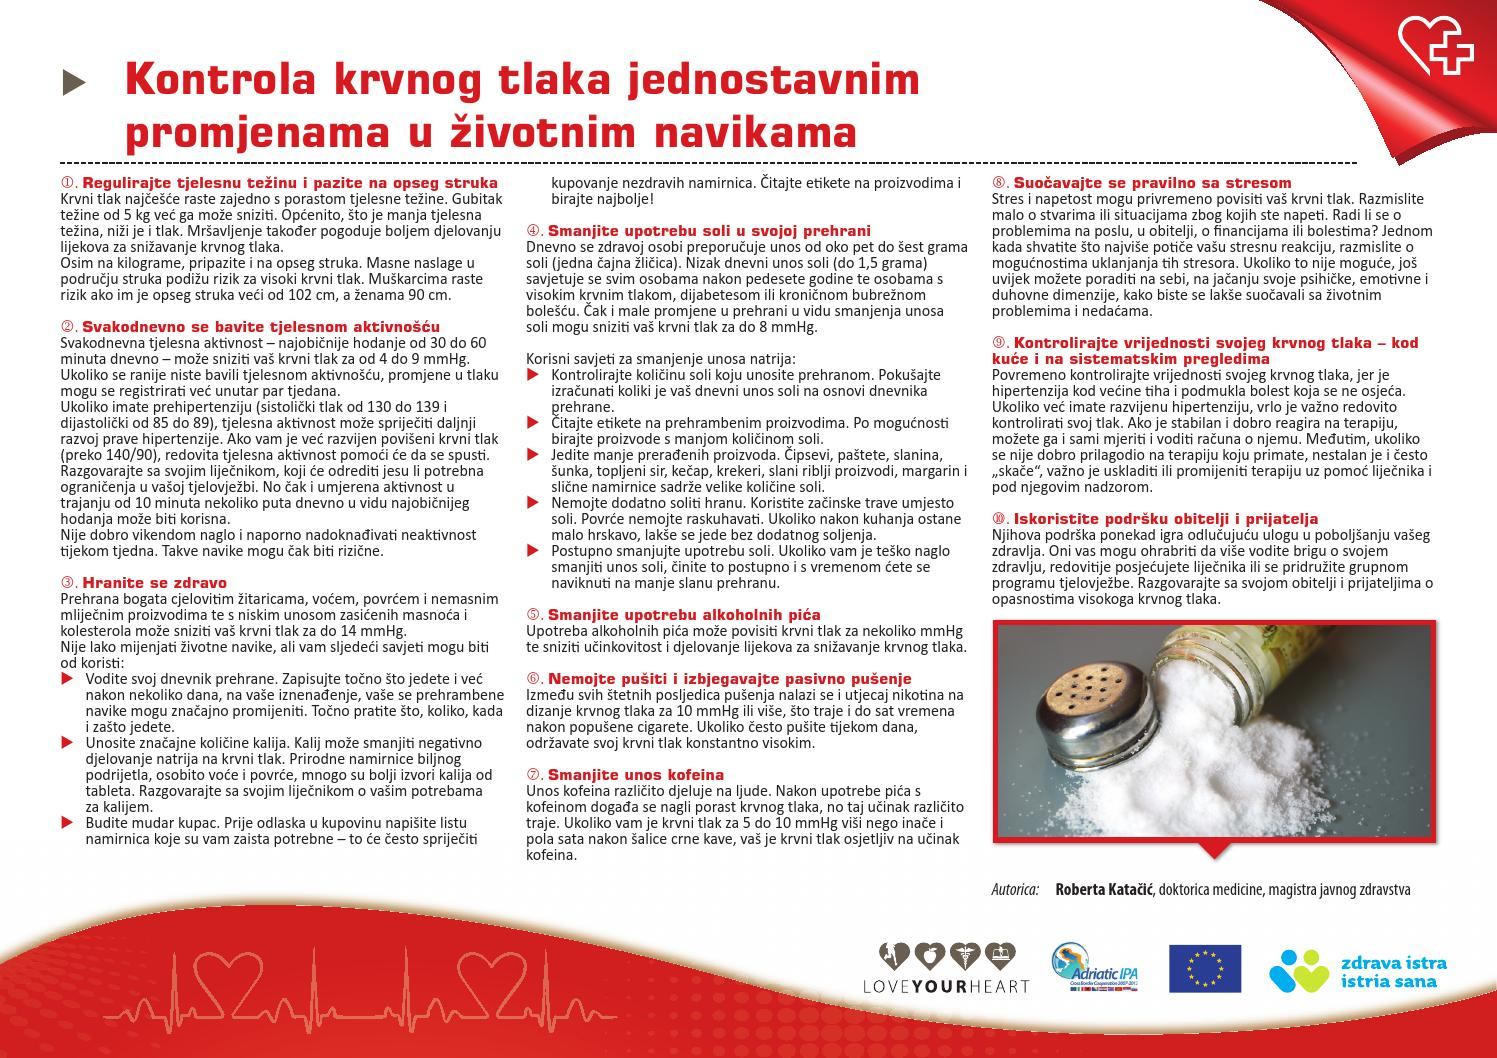 netko liječi hipertenzija ako visoki krvni tlak, zbog bubrega